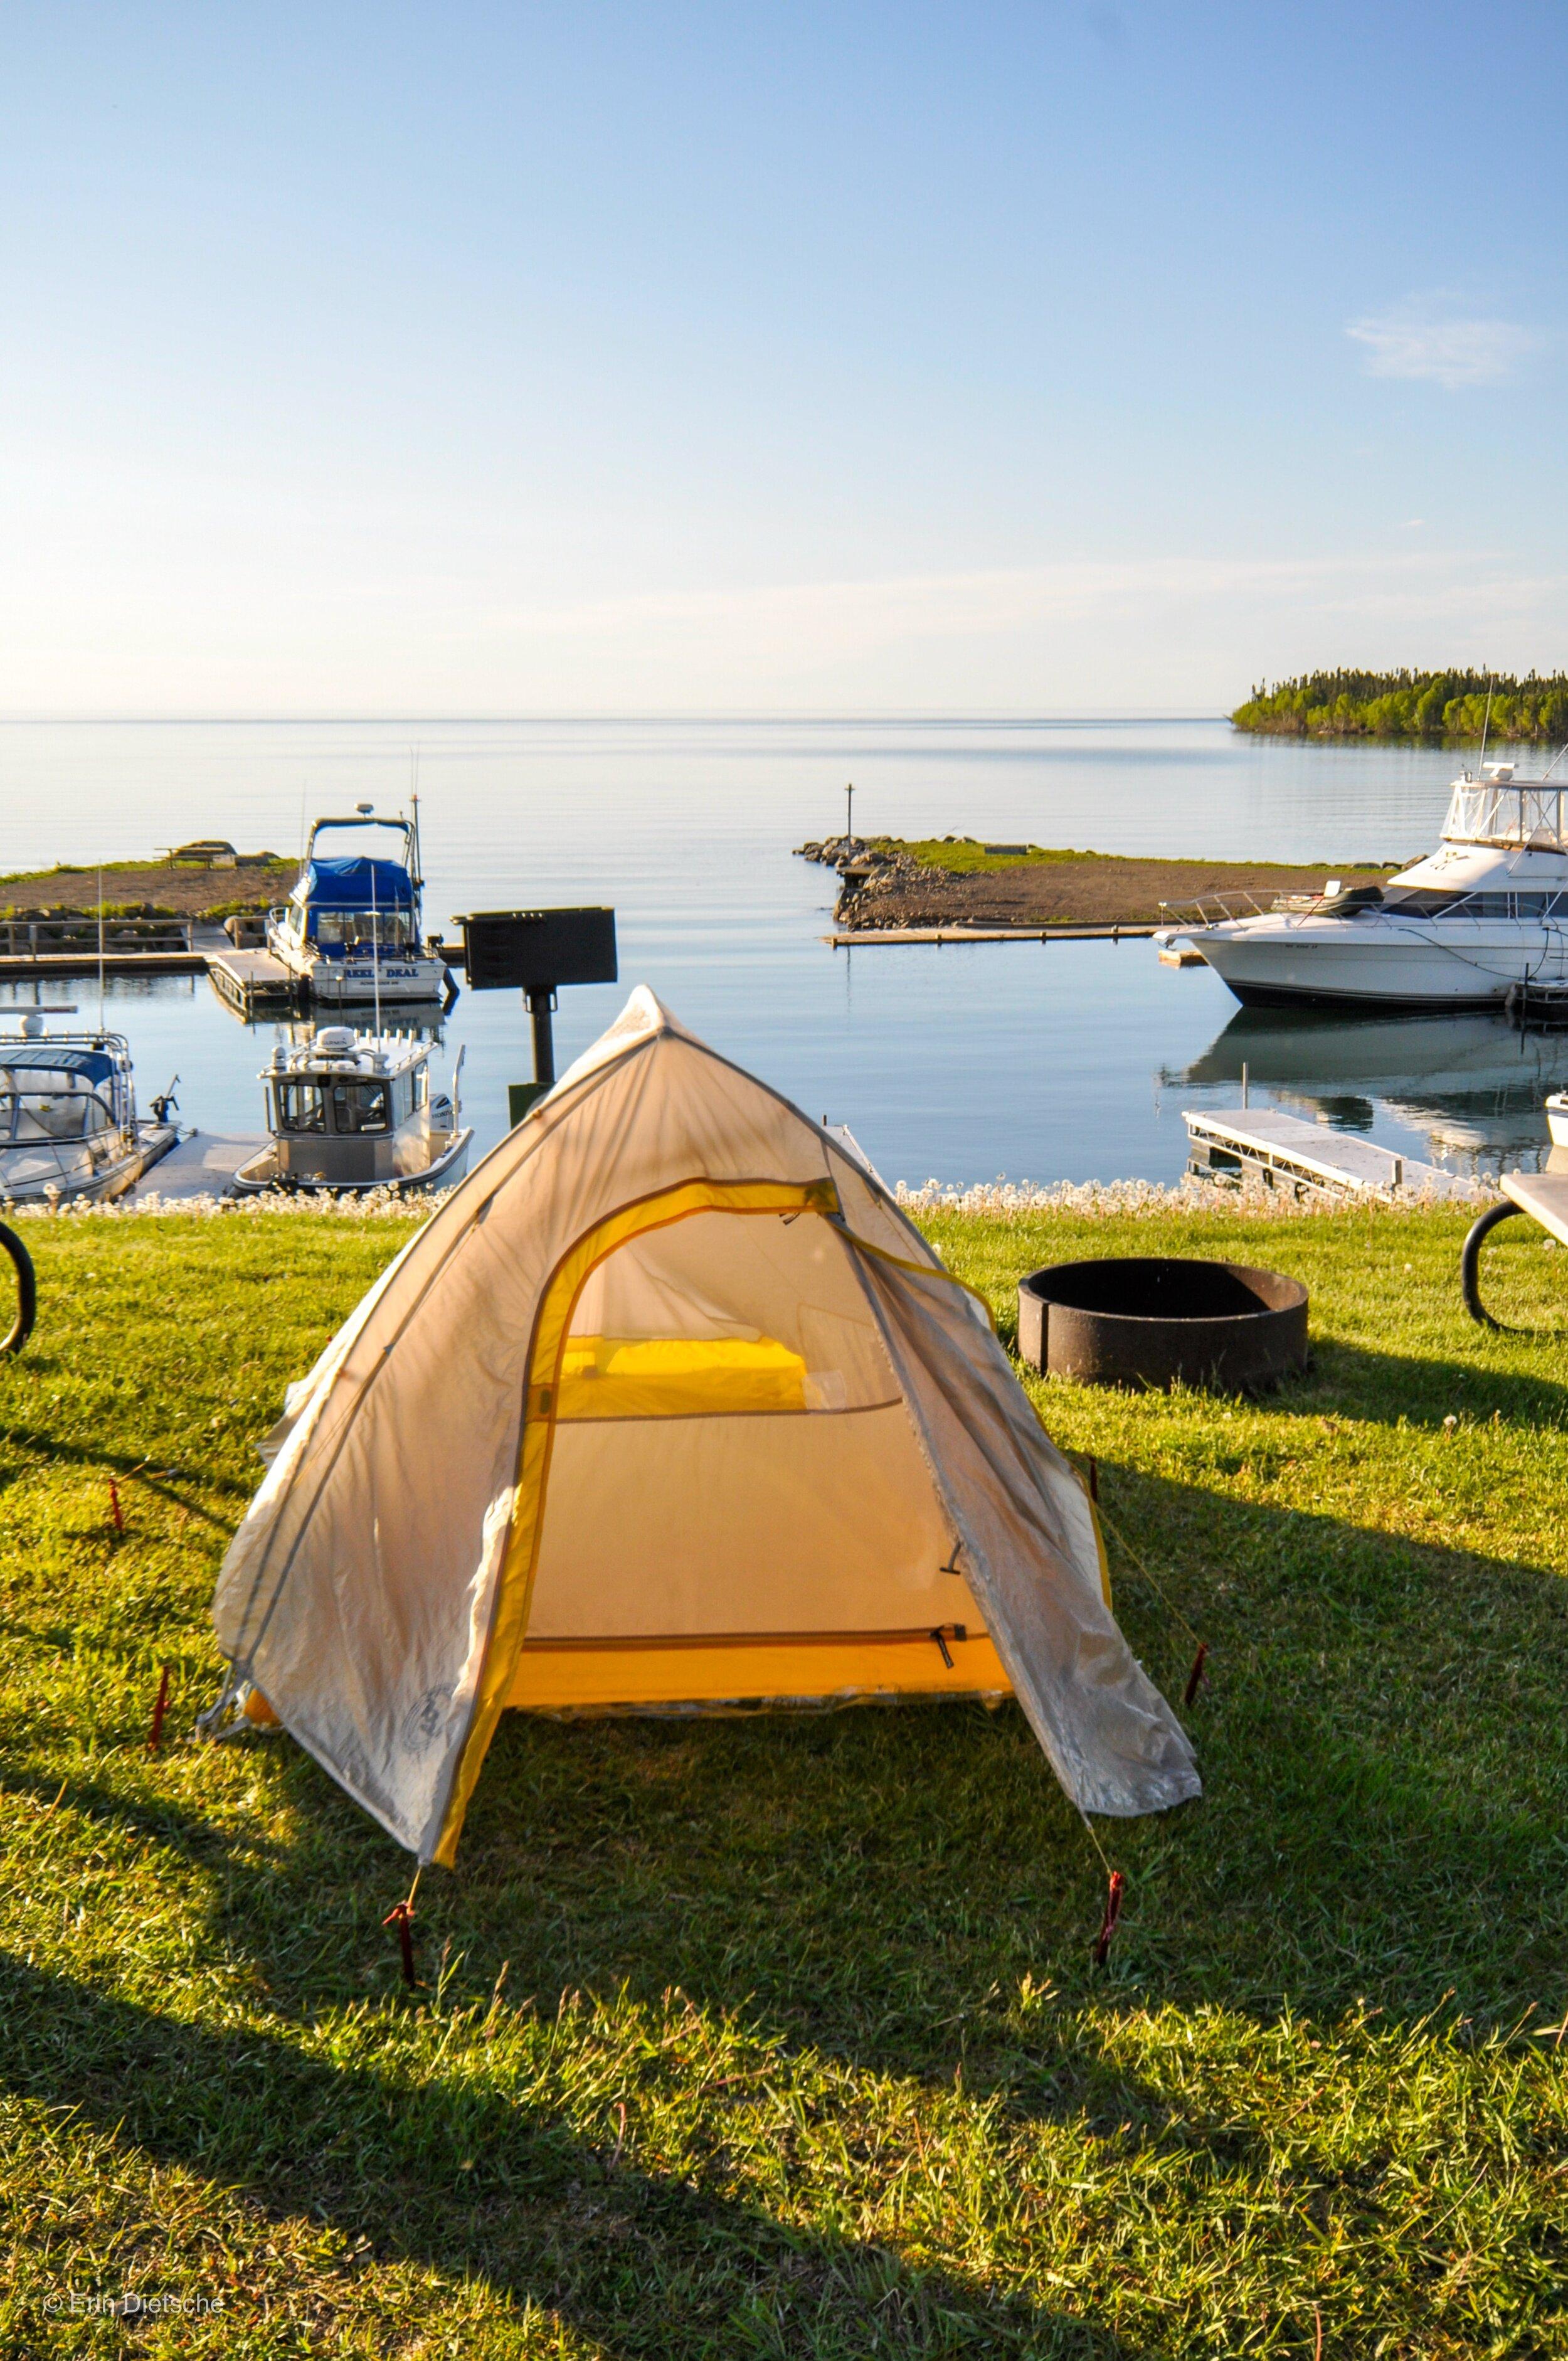 Our campsite in Grand Portage, MN